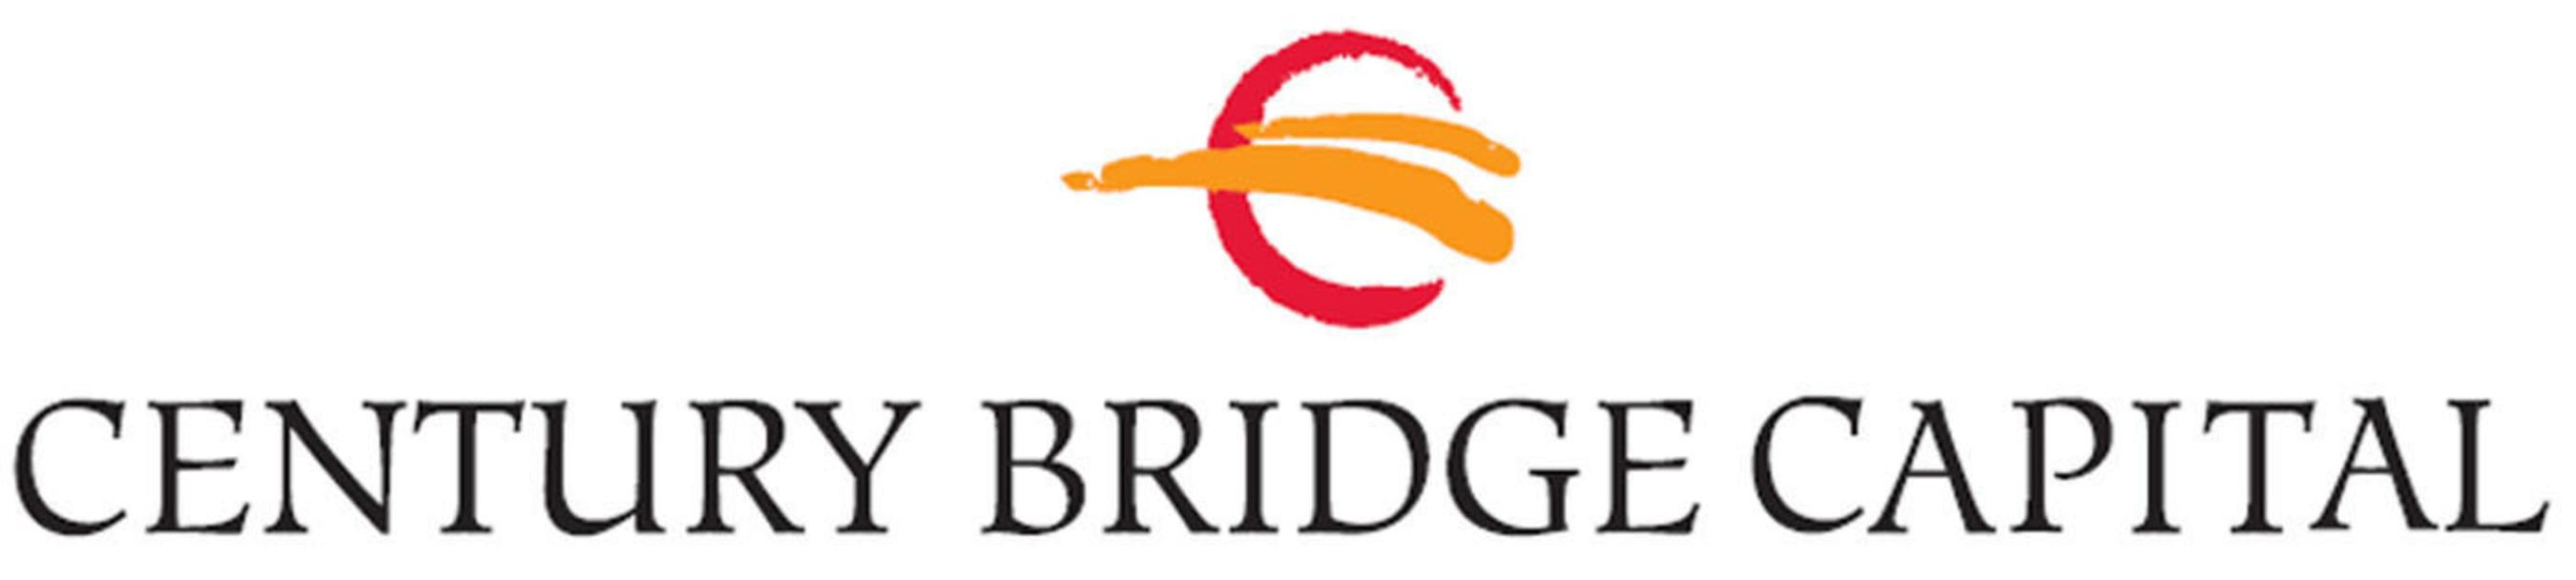 Century Bridge gibt 87 Millionen US-Dollar schweres Entwicklungsprojekt für Wohnungsbau in China